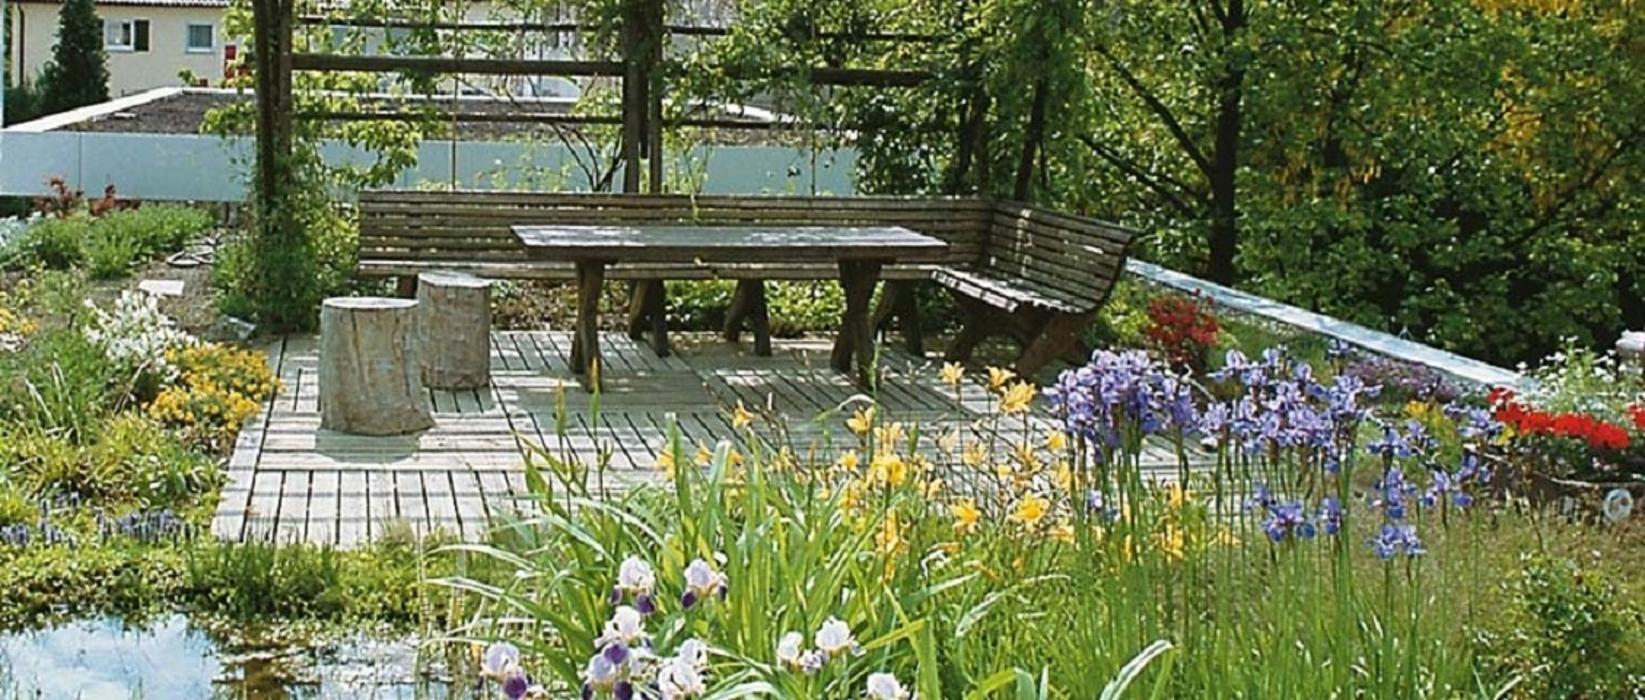 Garten Und Landschaftsbau Erding 85435 Yellowmap